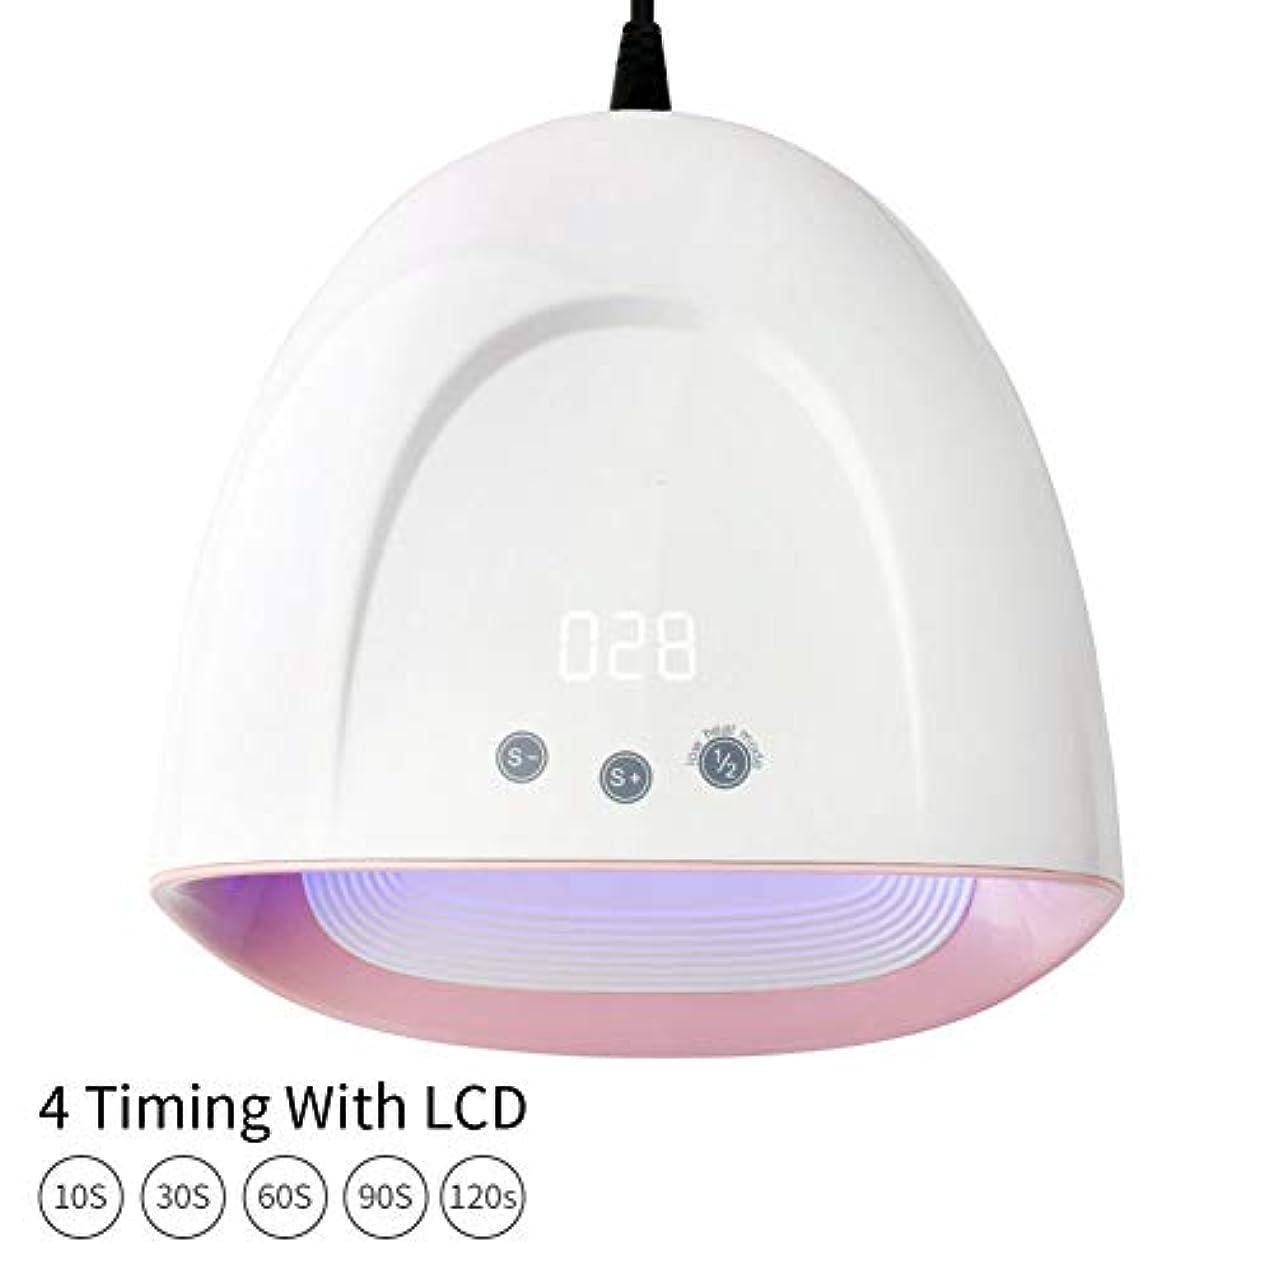 ハンマーハンディキャップ干渉ネイルドライヤー - LED光線療法ネイルマシン60Wマルチタイムタイミング33ランプビーズ4スピードタイミング接着剤隠しデジタルスクリーン